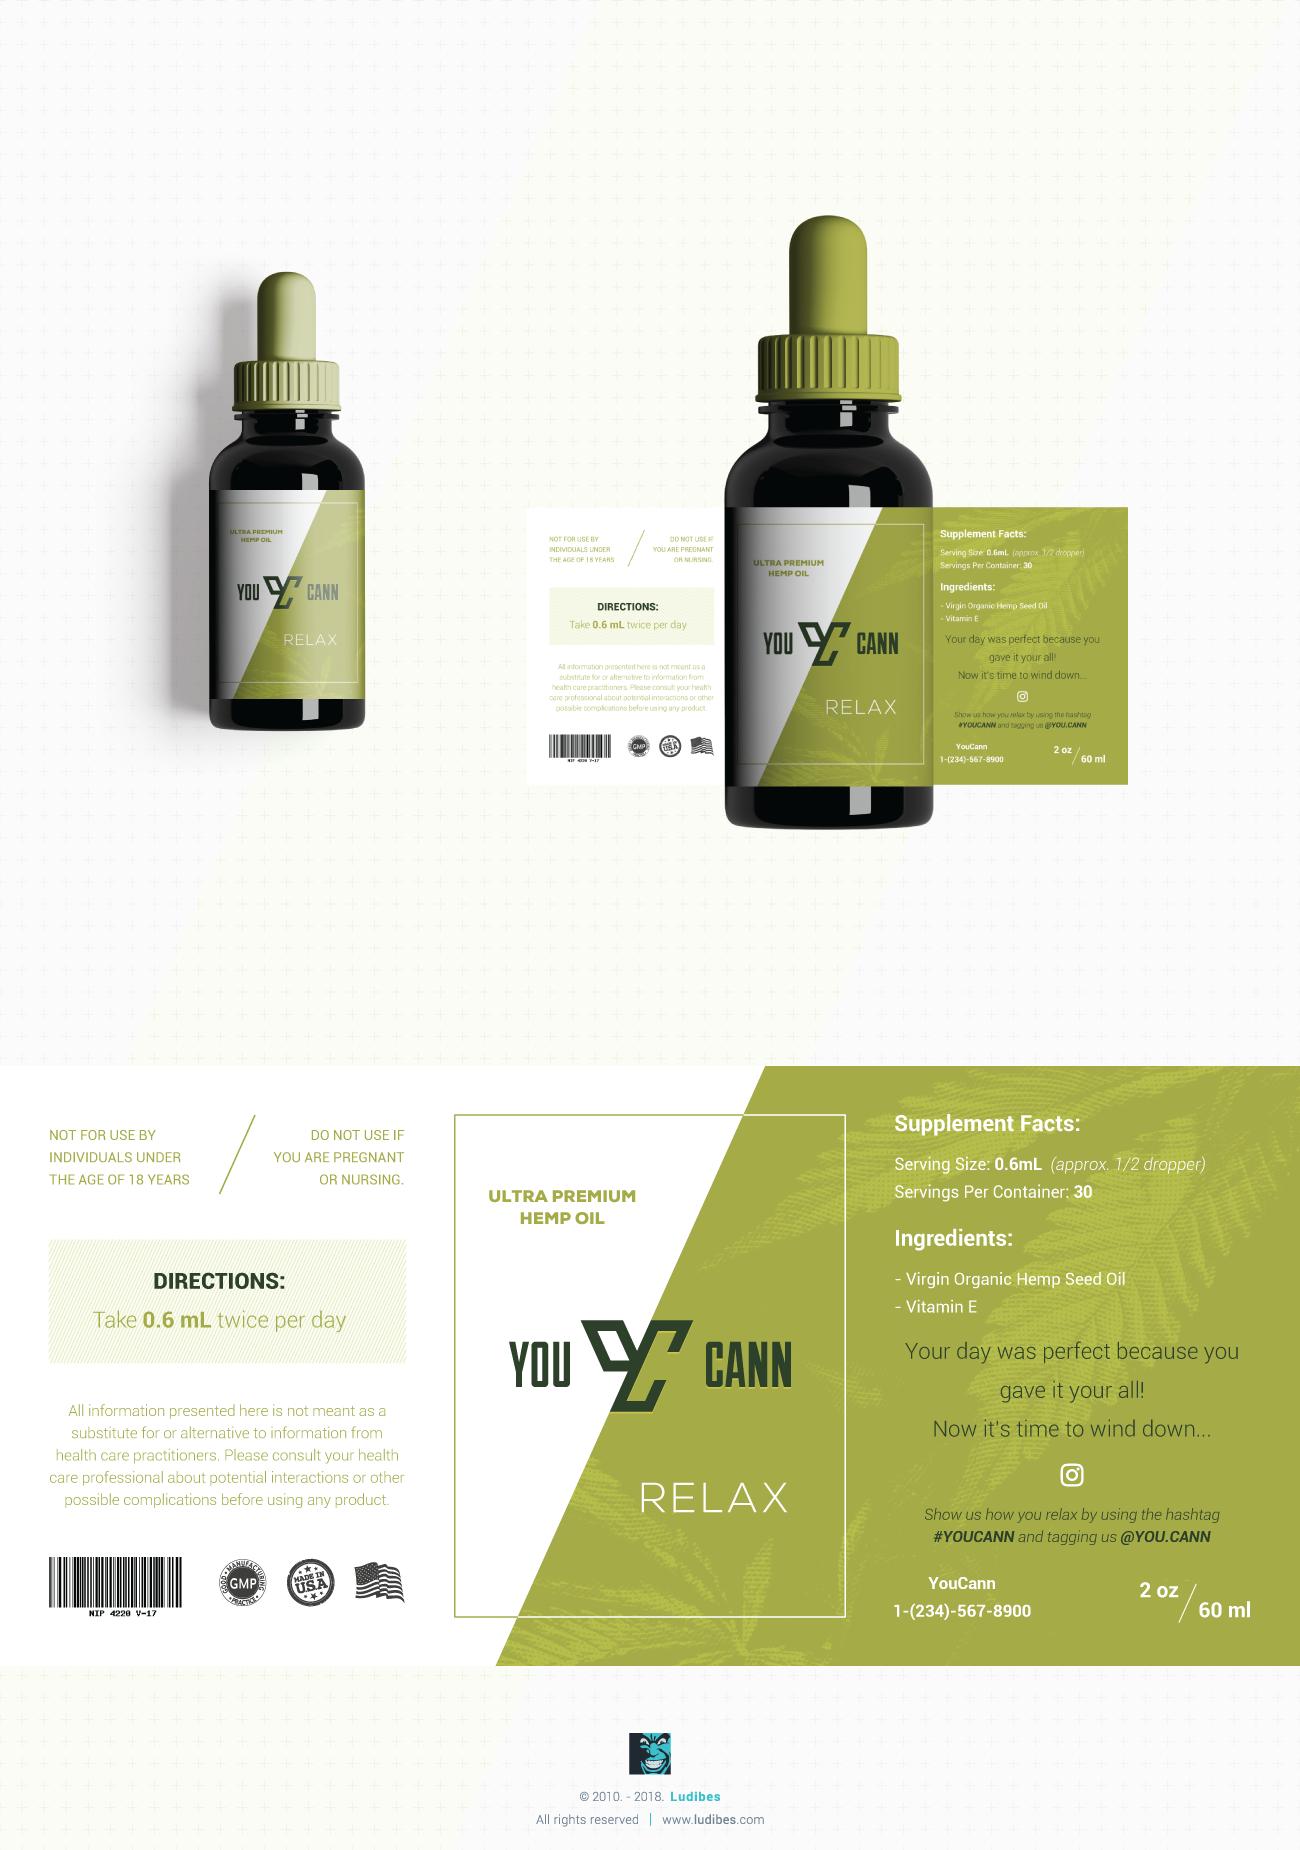 YouCann Packaging